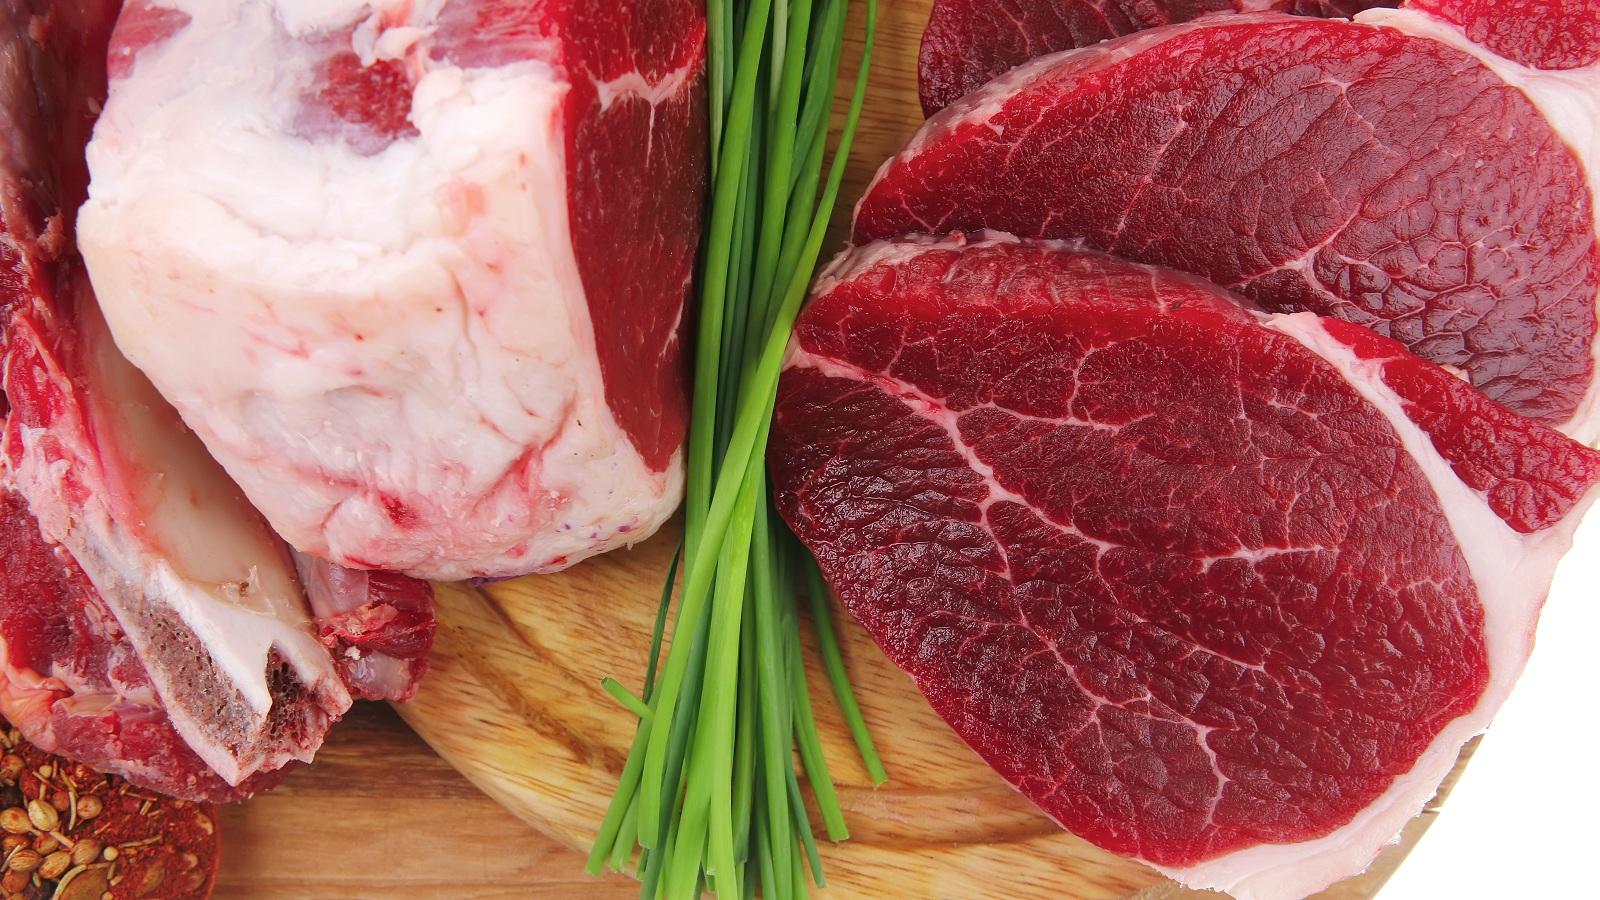 Conoscere la carne di manzo - Altroconsumo fotovoltaico ...